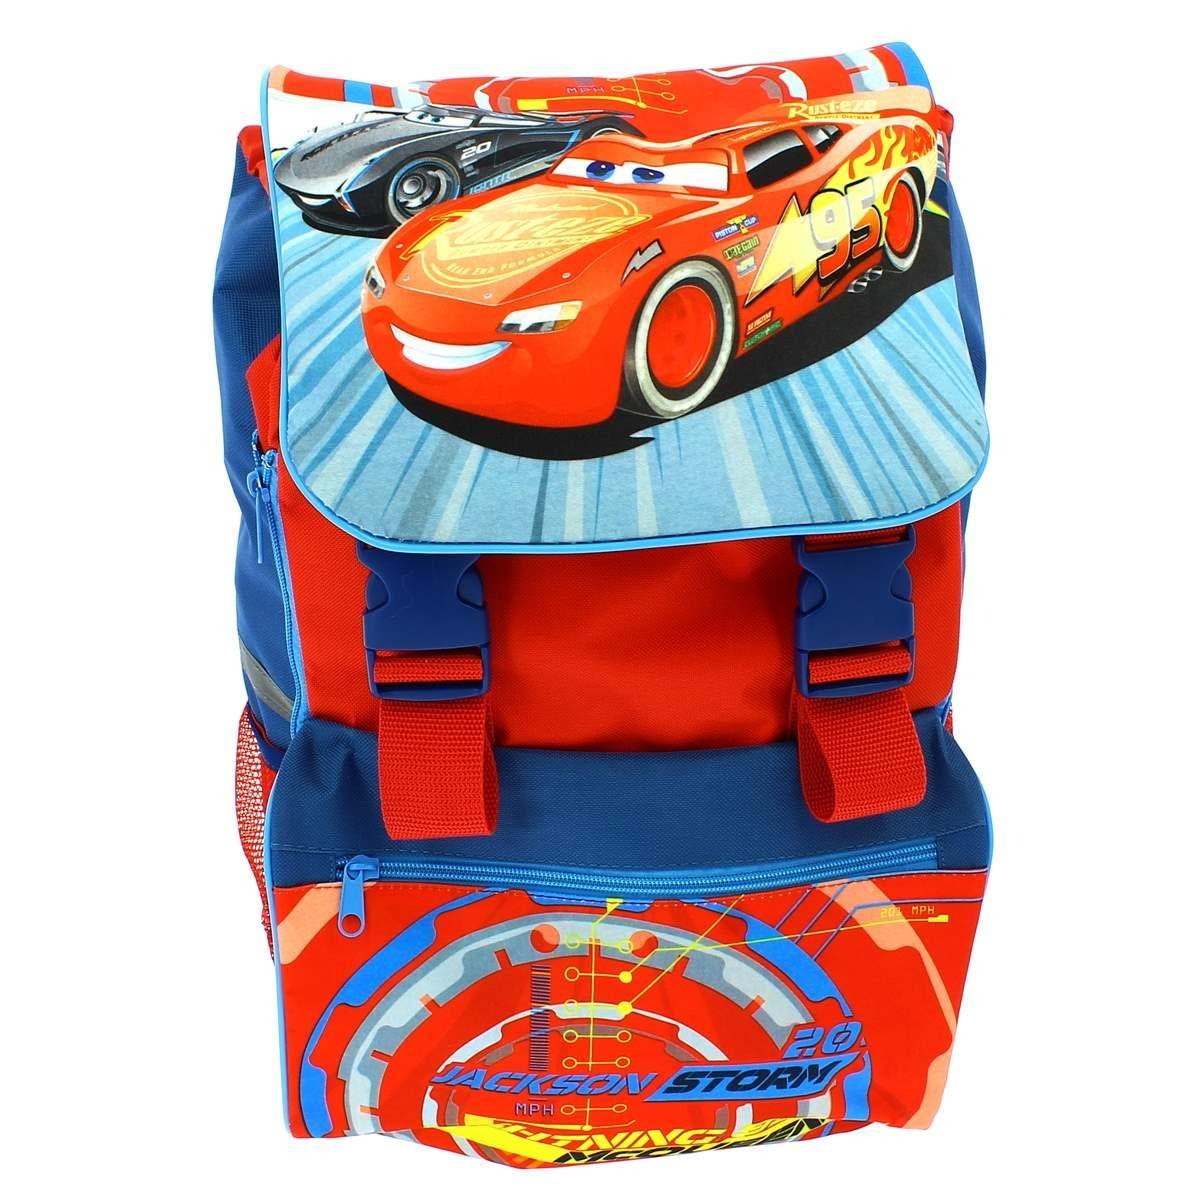 f321b80337c8fb Cars - Zaino Italiana con Astuccio Triplo, Kids Euroswan cr17451:  Amazon.it: Giochi e giocattoli